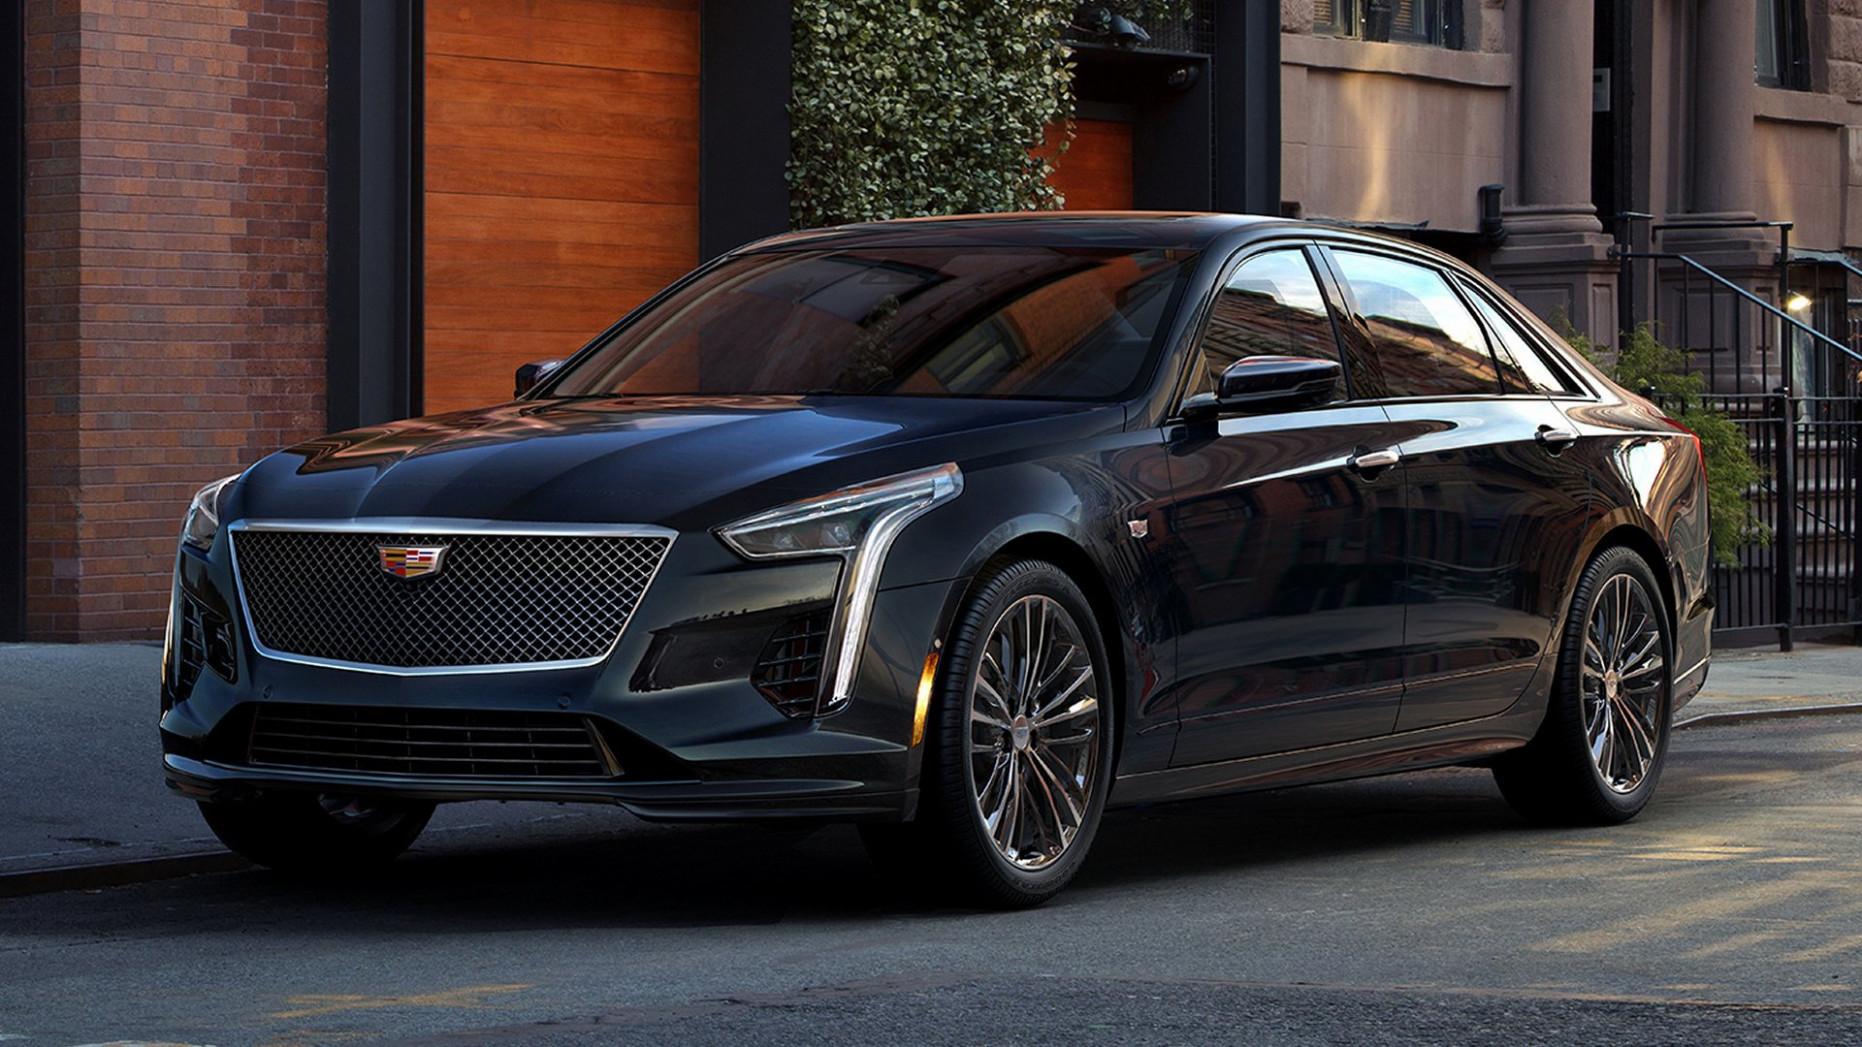 Style 2022 Cadillac ATS-V Coupe